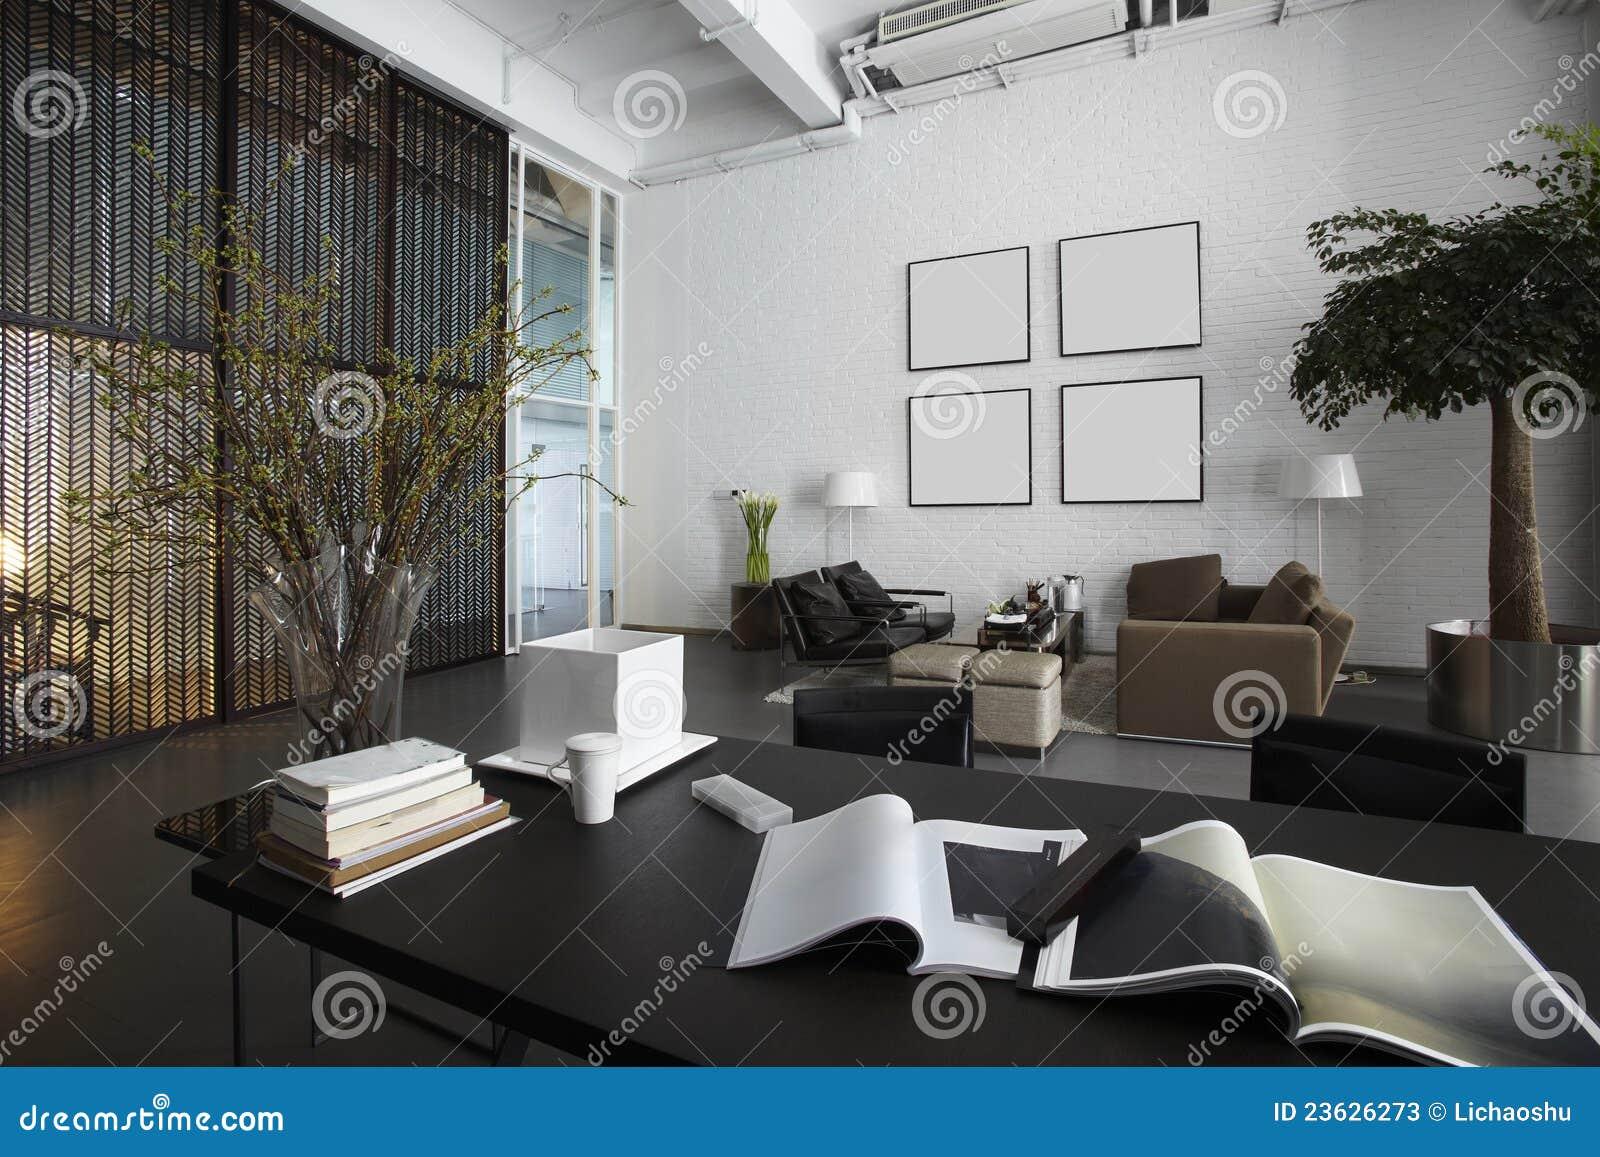 Moderne Büroräume stockbild. Bild von dekor, schlafzimmer - 23626273